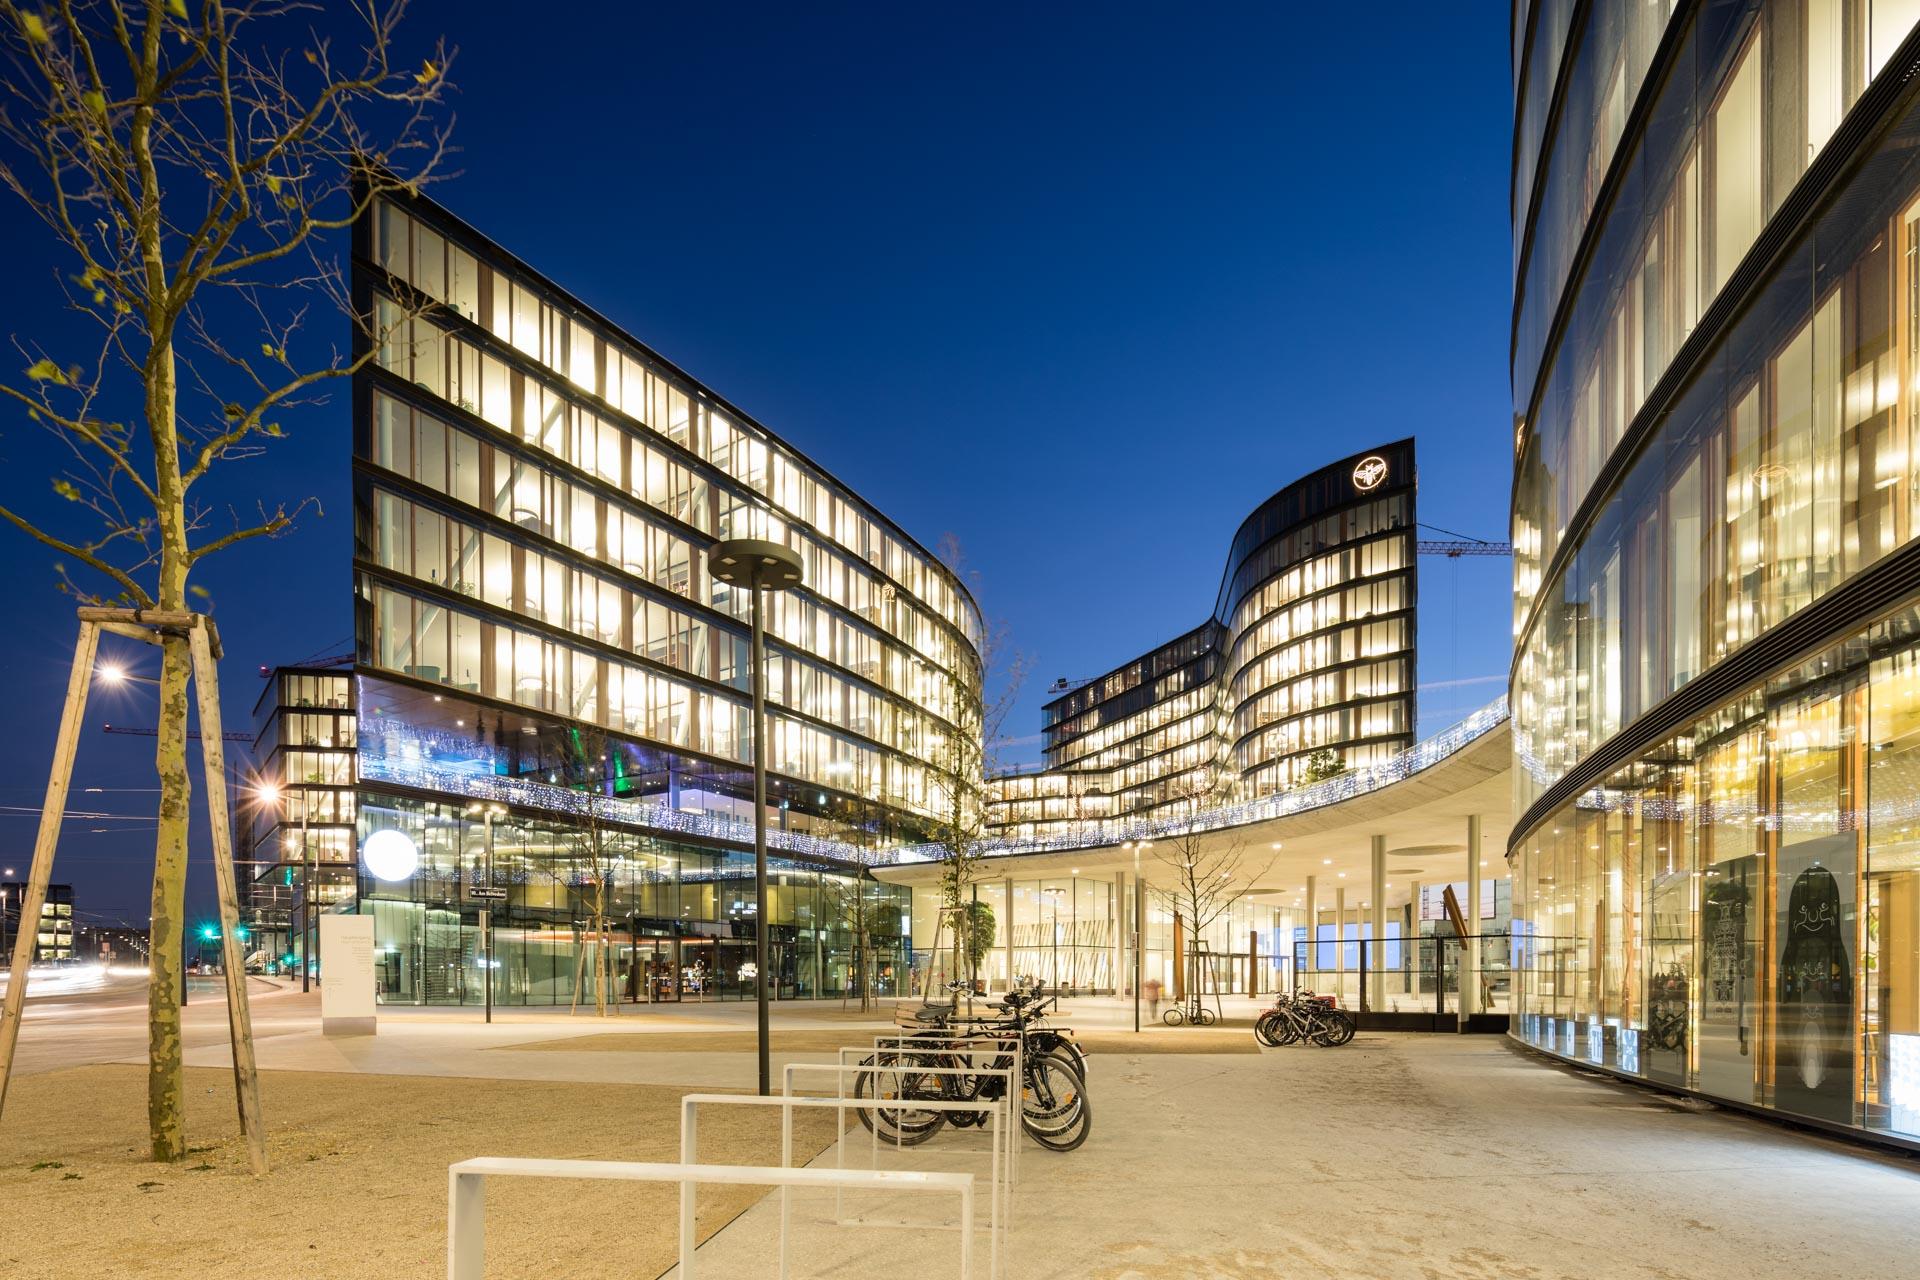 Blue Hour Aufnahme des Erste Campus von den Architekten Henke Schreieck.